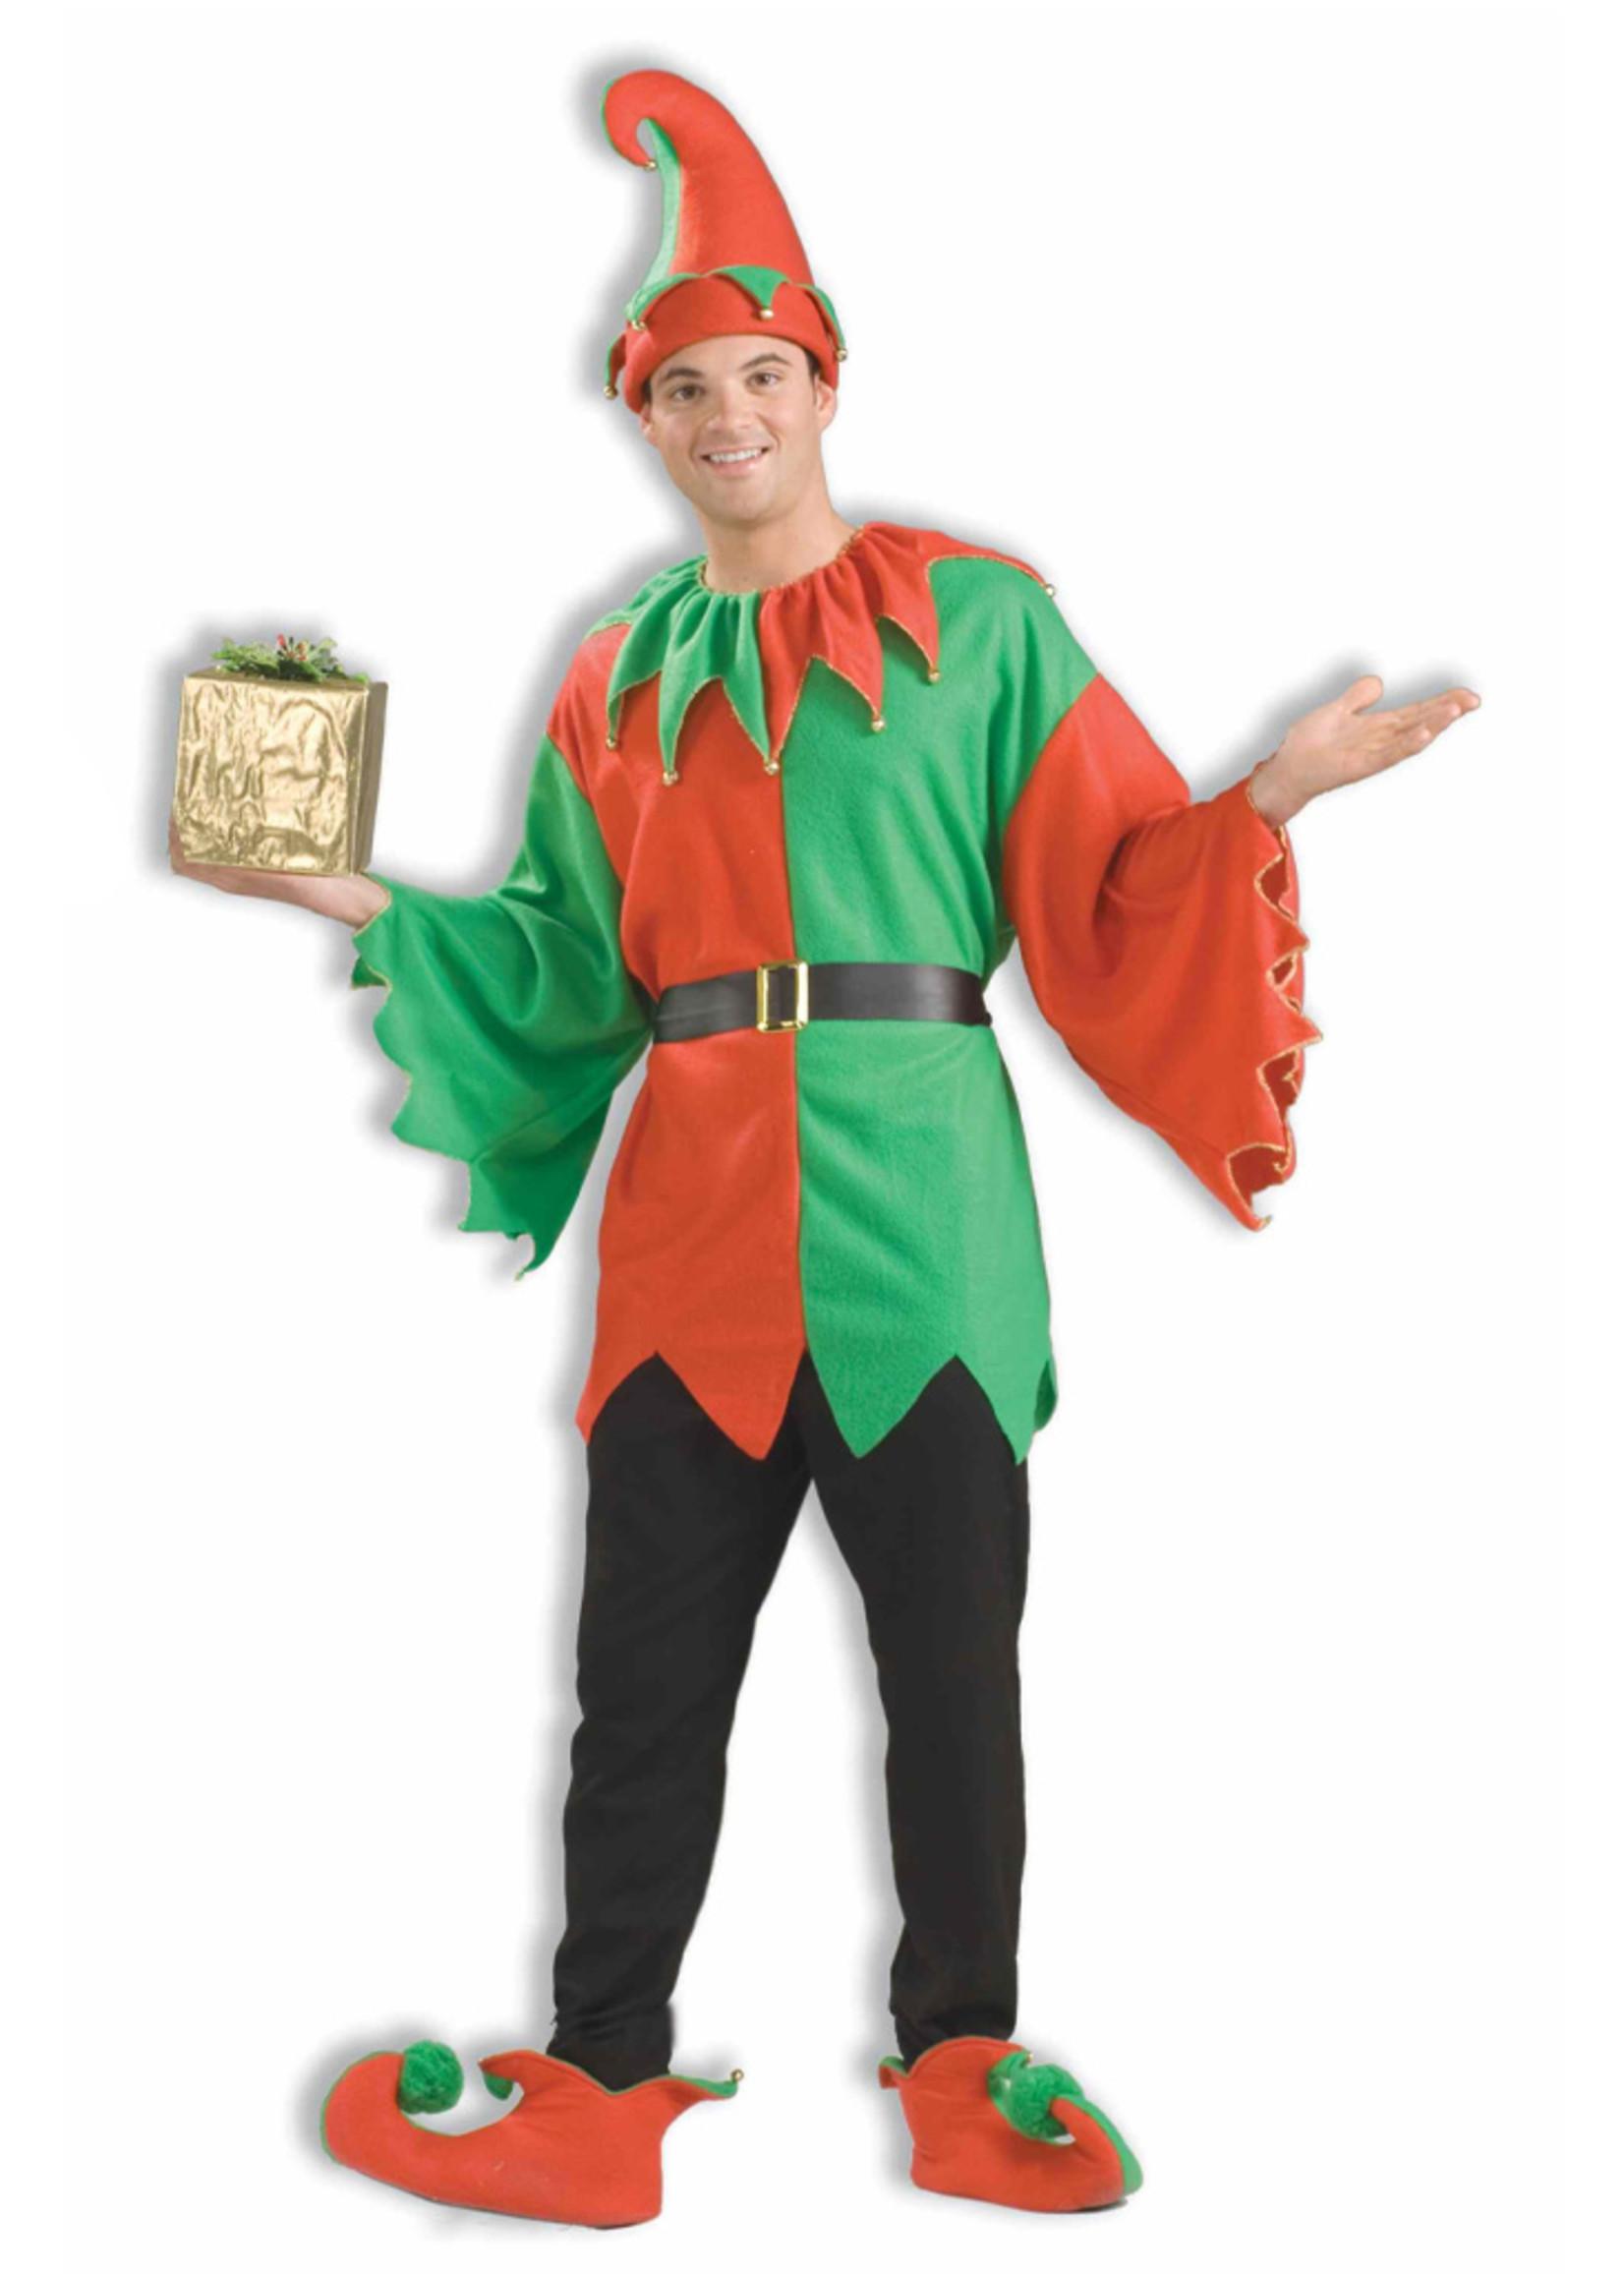 FORUM NOVELTIES Santa's Helper Elf Costume - Men's